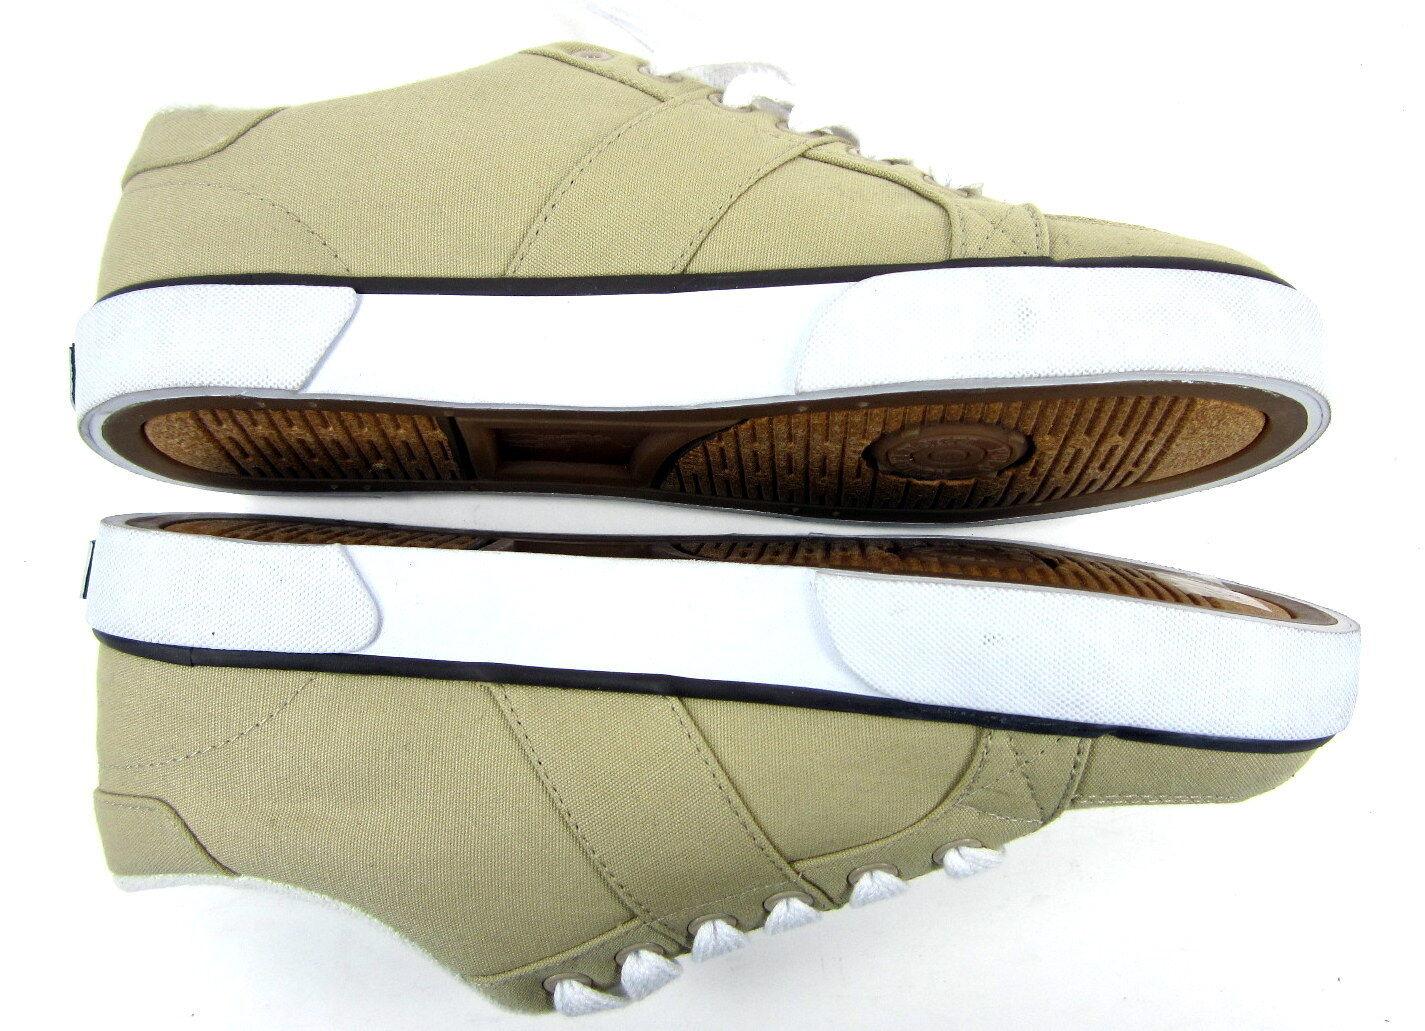 Polo ralph lauren scarpe harold atletico tela tela tela cachi / brown scarpe taglia 7,5 de0831